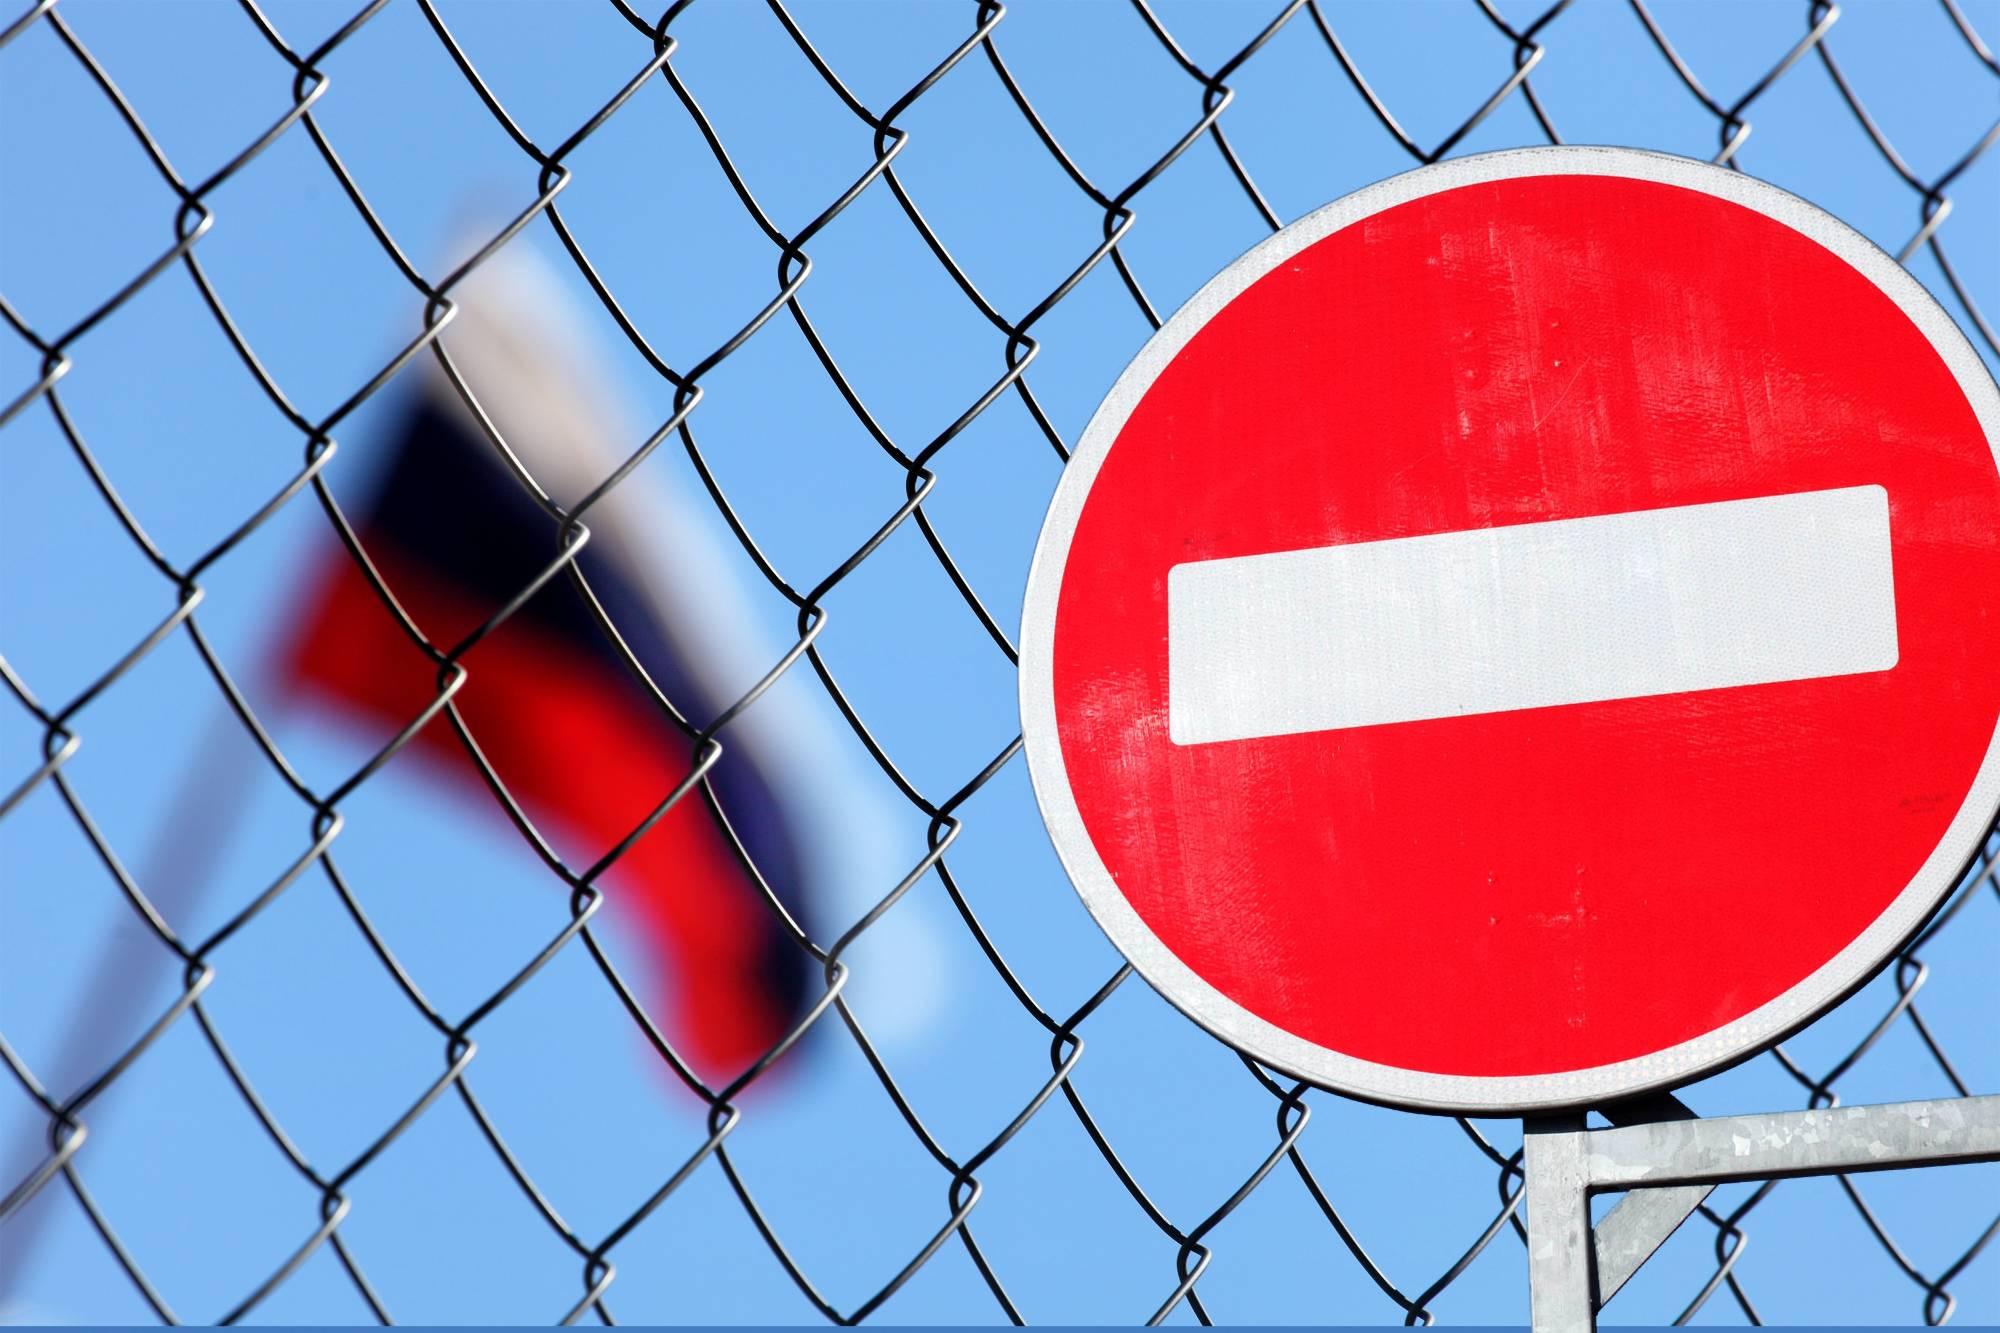 Война план покажет: зачем администрация Байдена вводит новые санкции против России